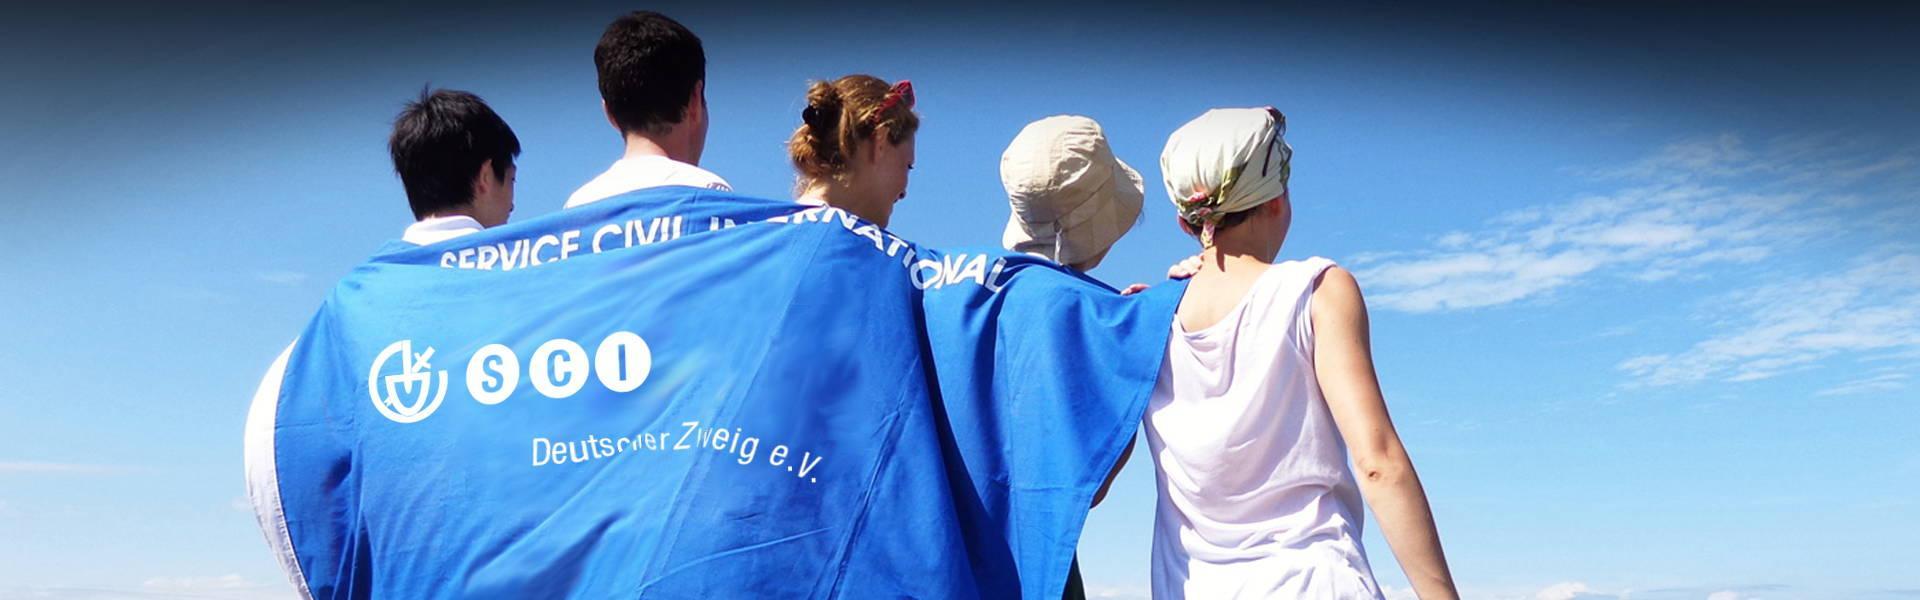 Menschen mit Flagge des Service Civil International SCI